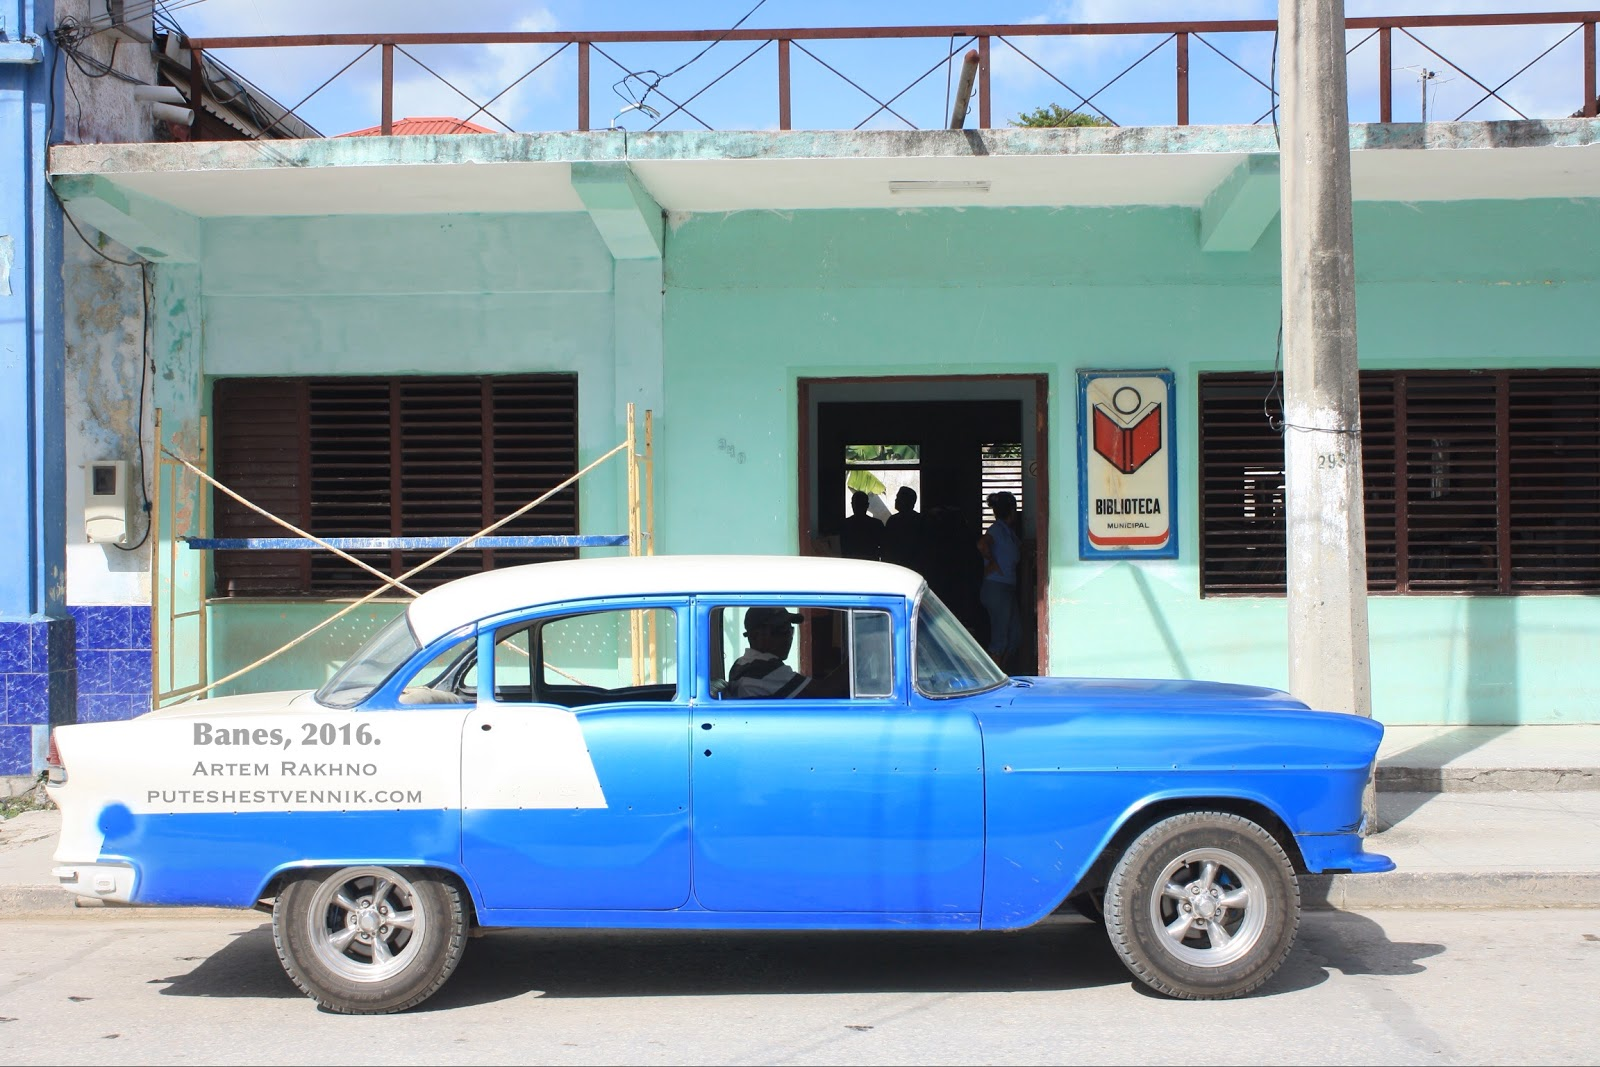 Машина в городе Банес